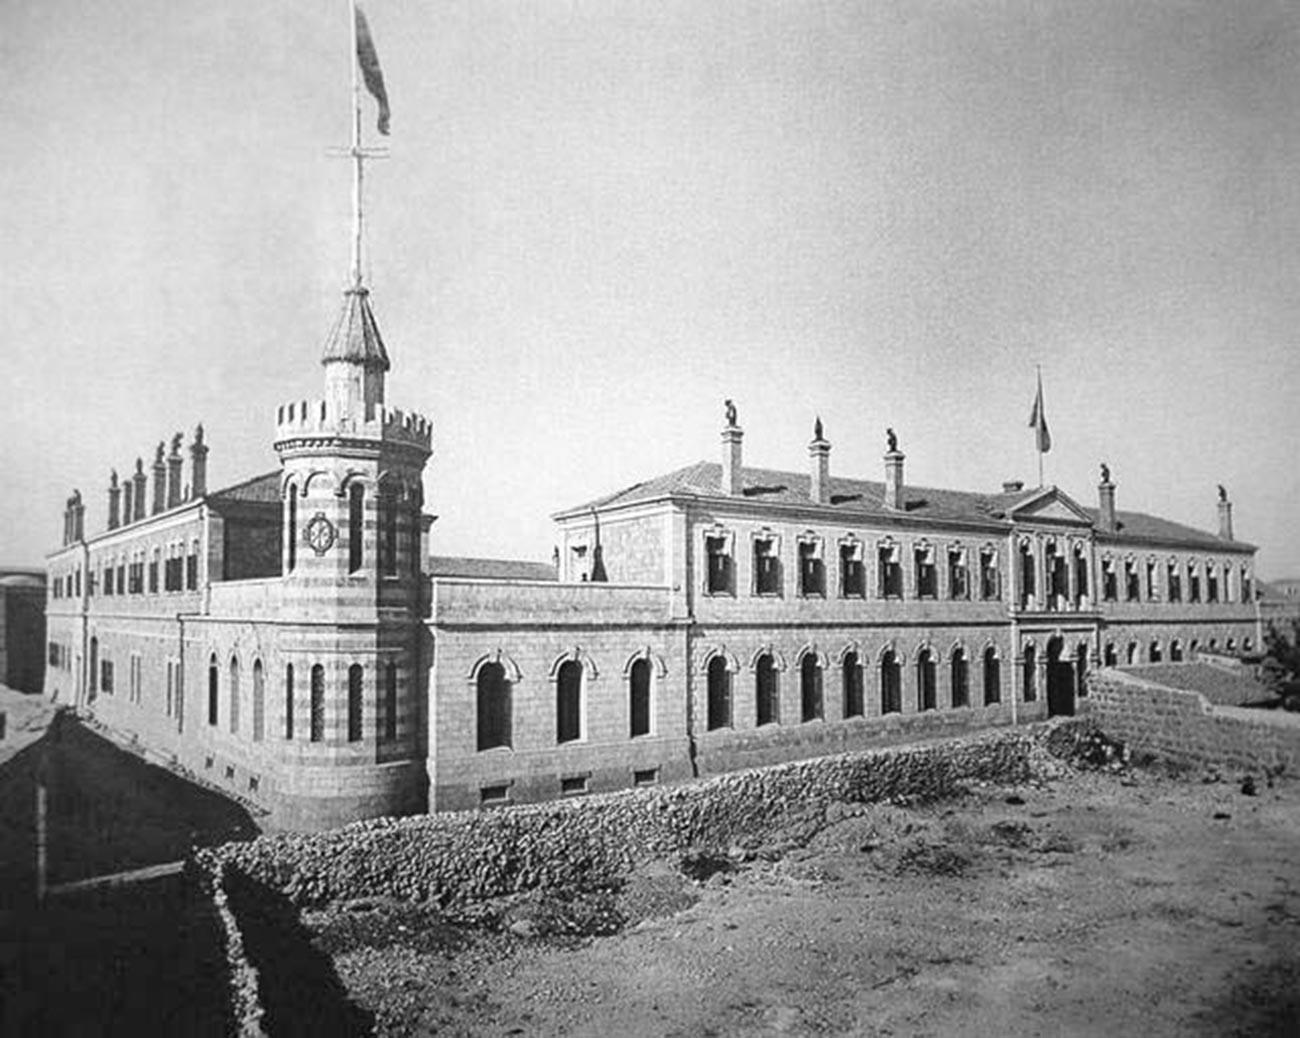 L'Ostello di Sergej della Società imperiale ortodossa di Palestina, 1889